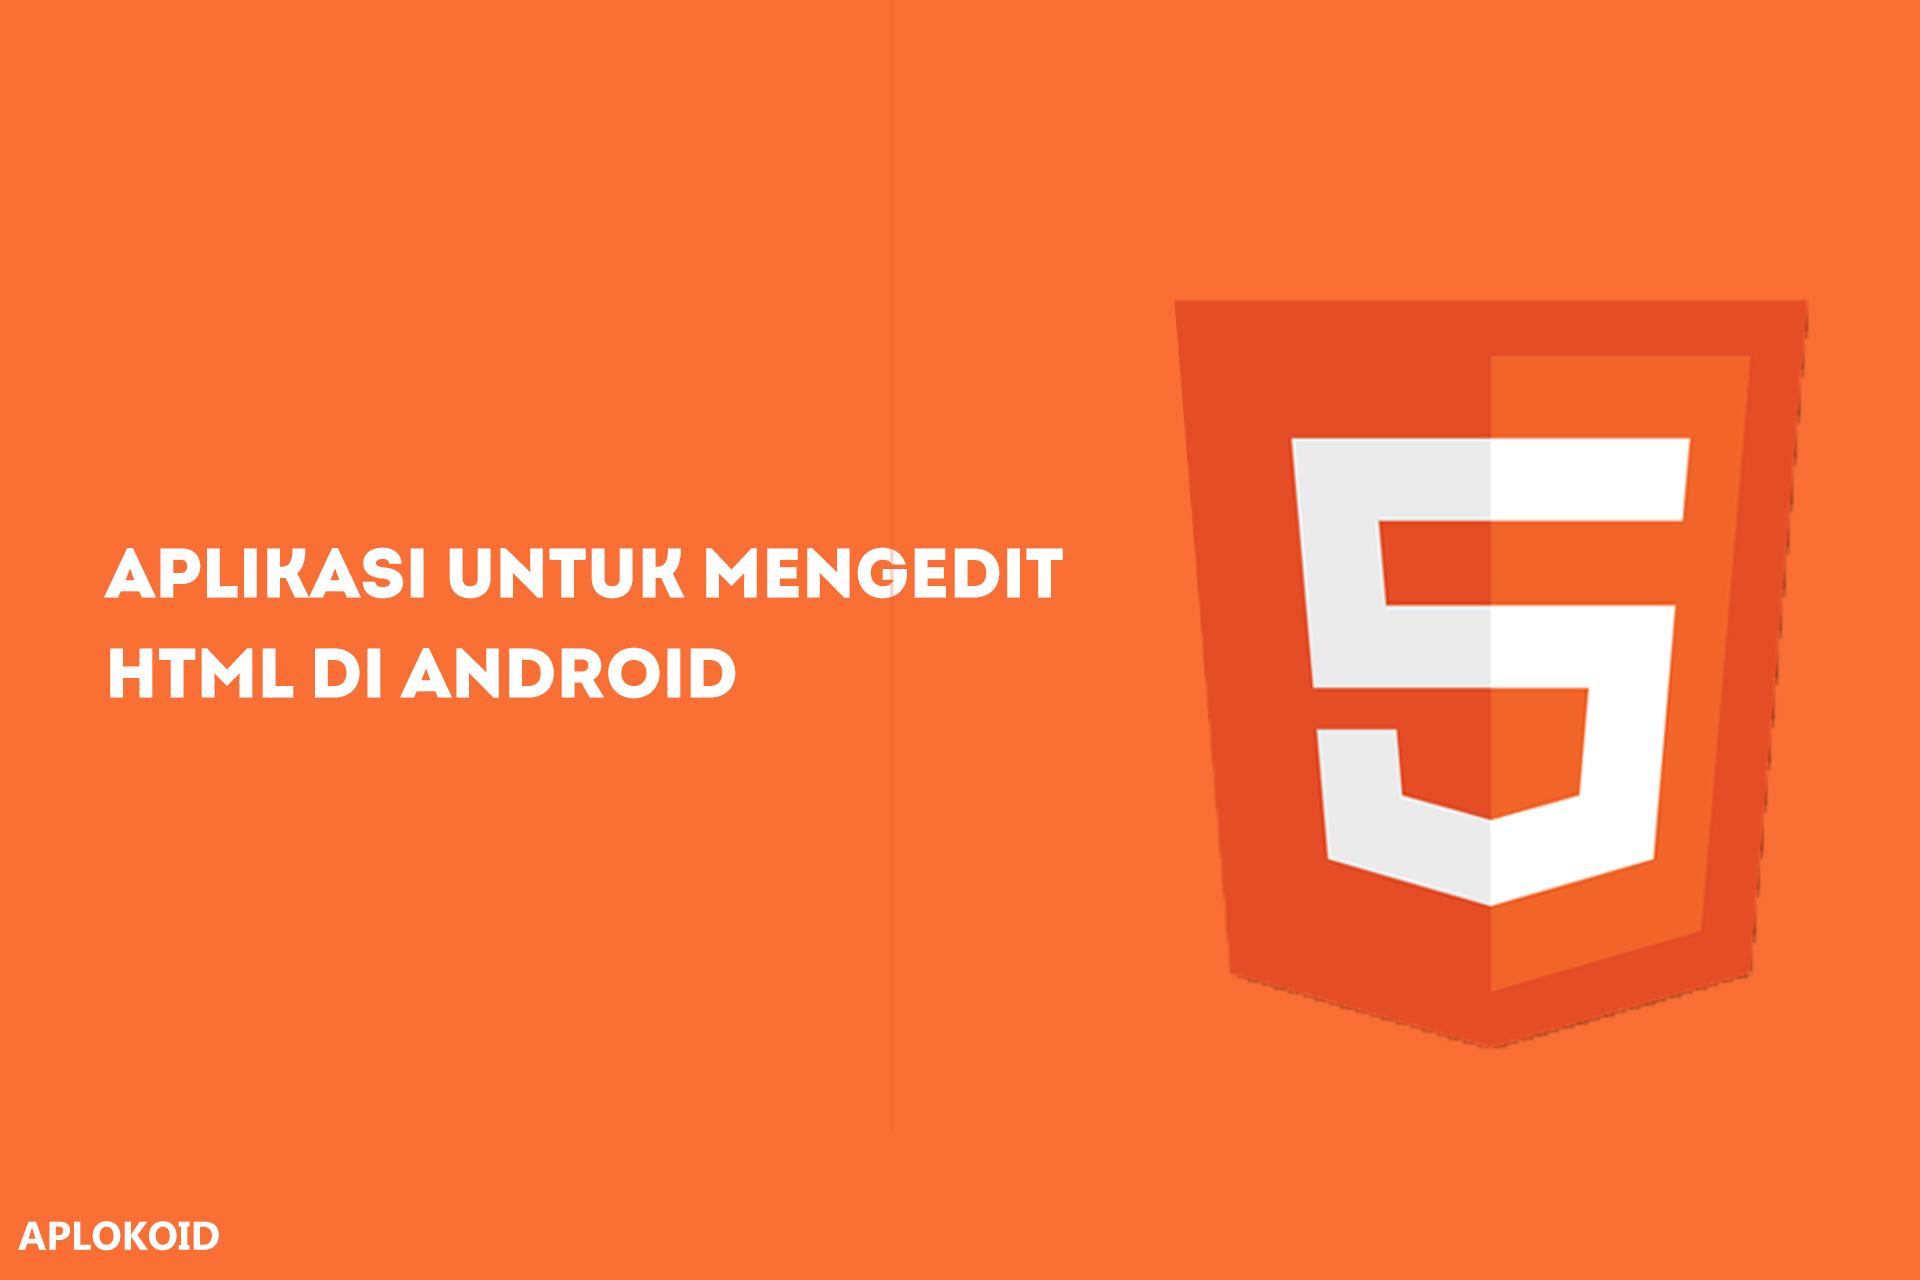 Cara Mengedit/Membuat File HTML di Android